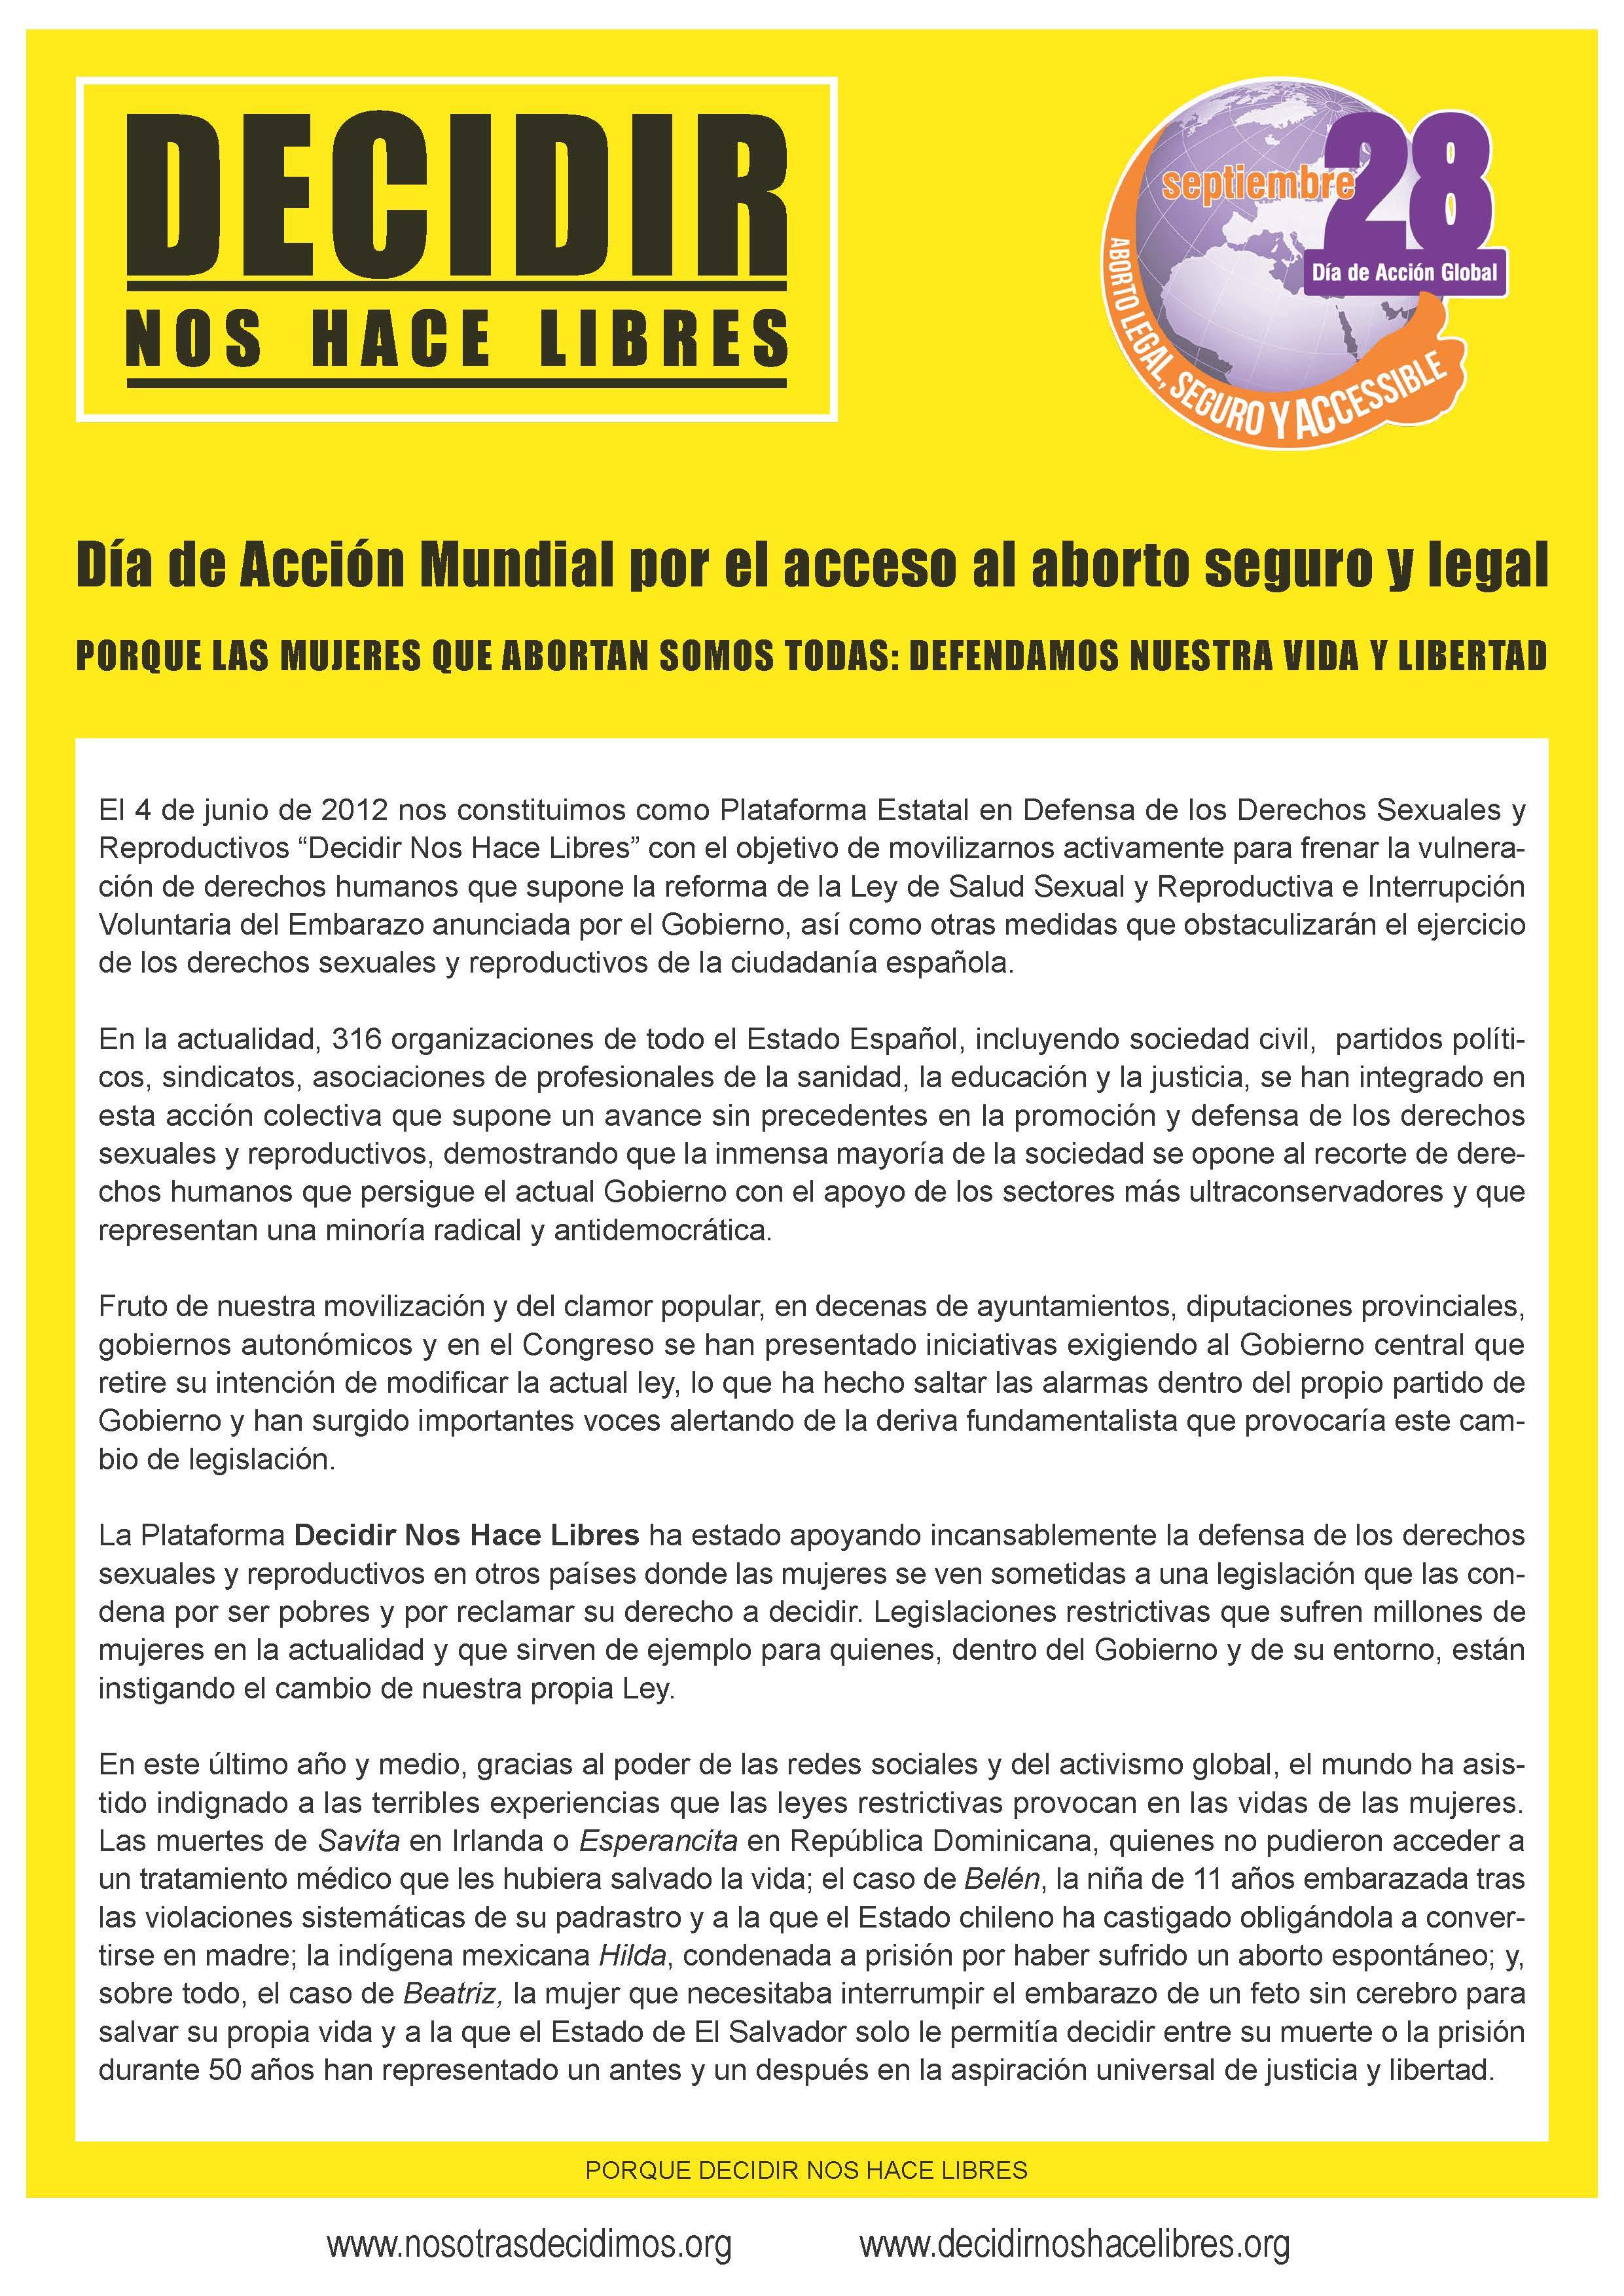 Manifiesto_01_28septiembre_2013_18sep_Pagina_1.jpg